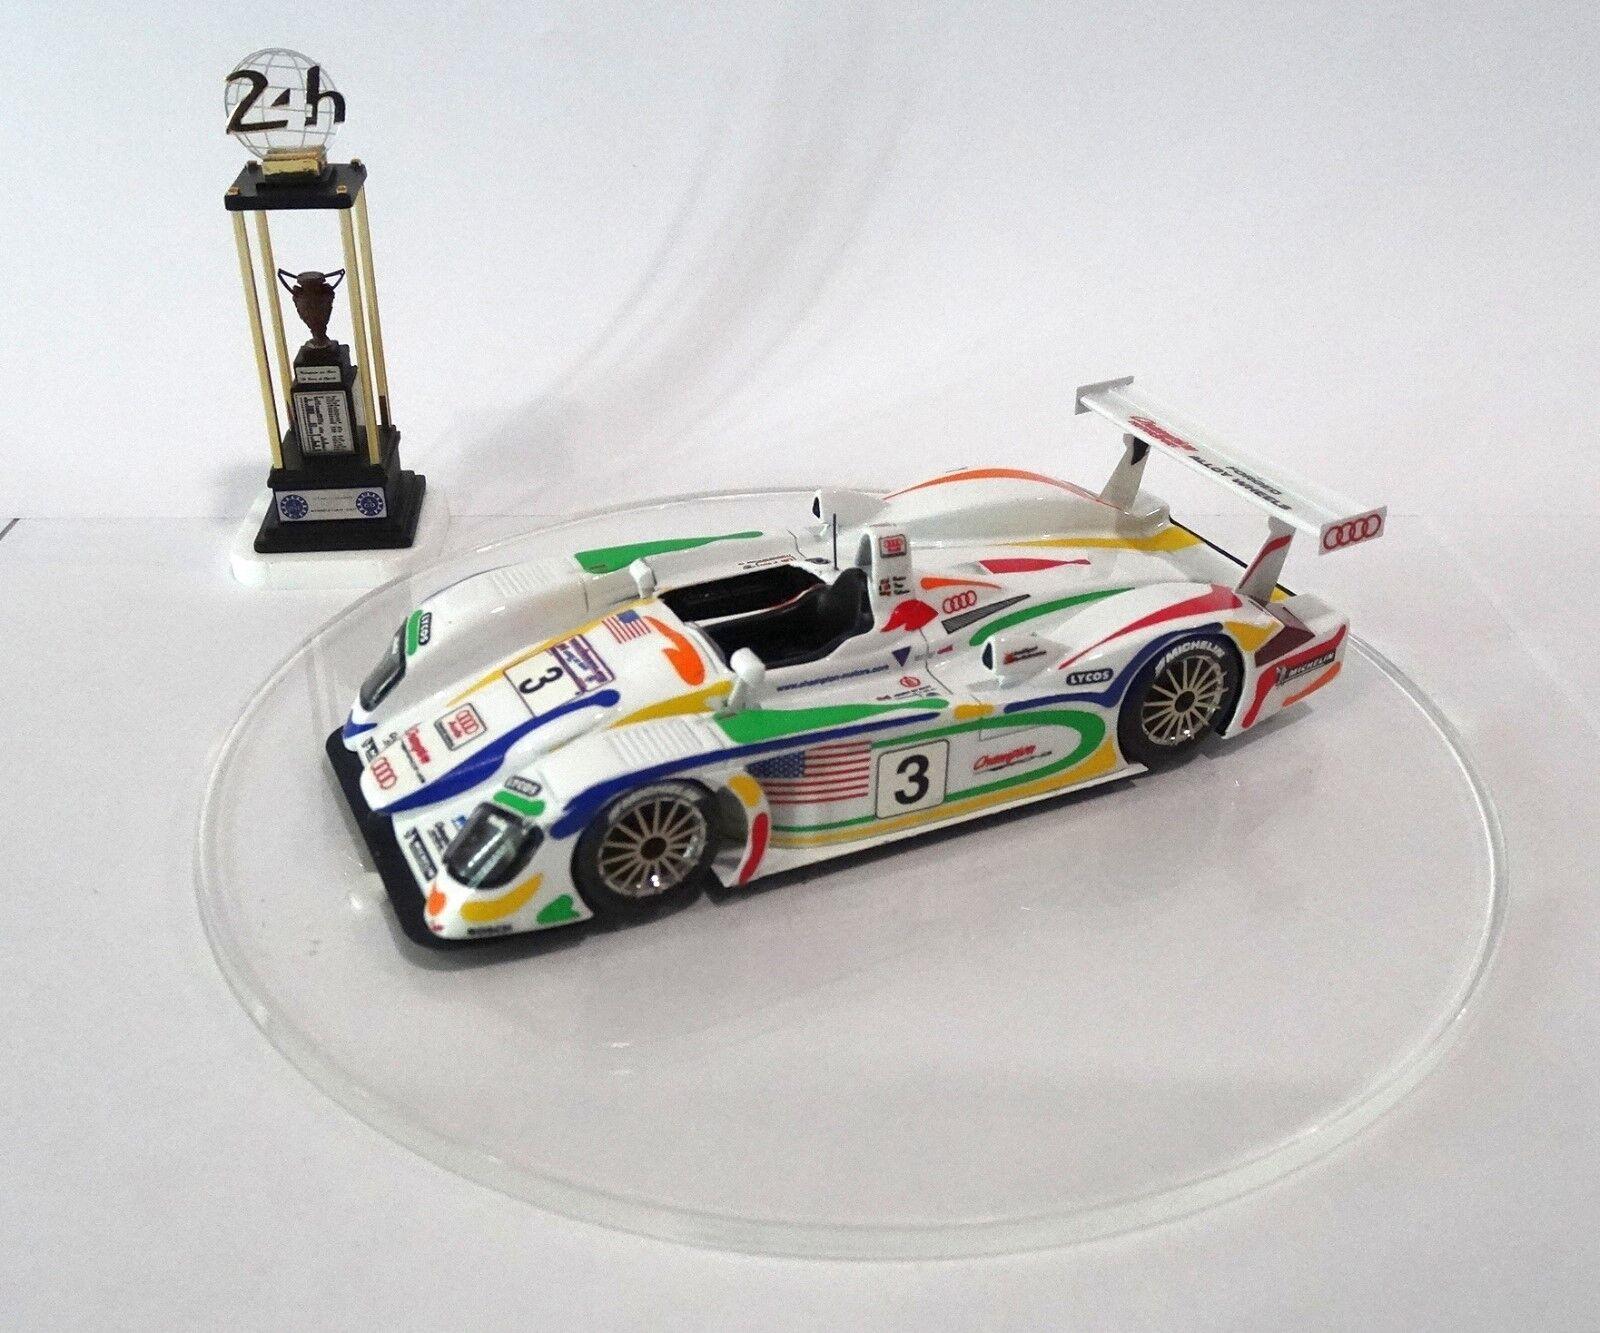 AUDI R8R  3 Le Mans 2001 2001 2001 CHAMPION Built Monté Kit  no spark minichamps 94822c